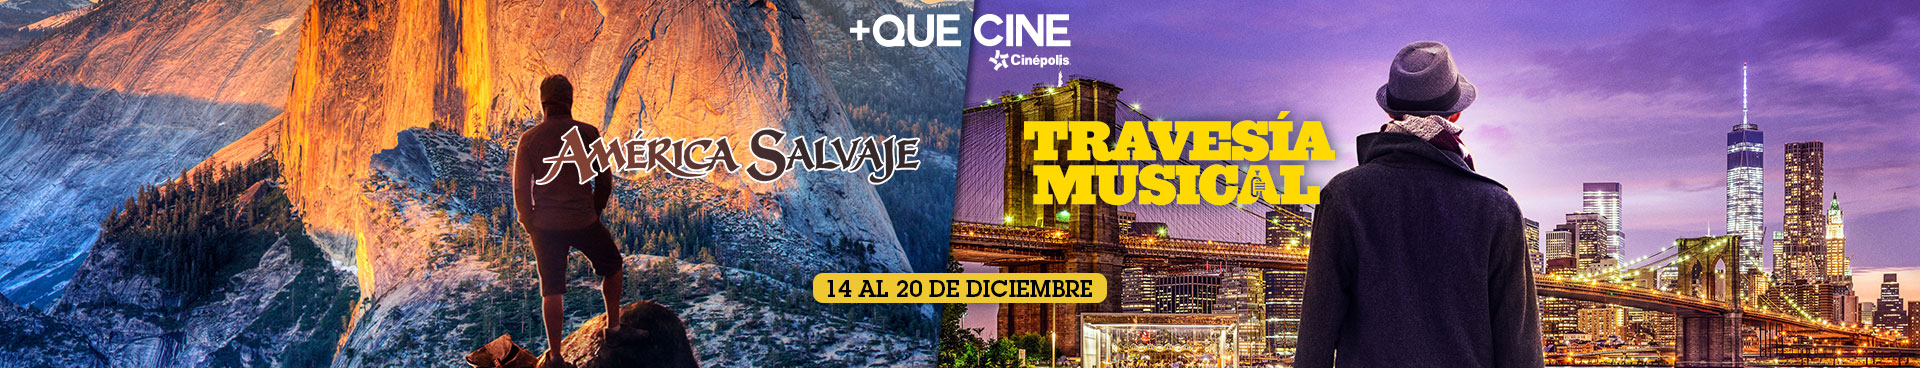 +Que Cine: Parques Nacionales y Travesía Musical